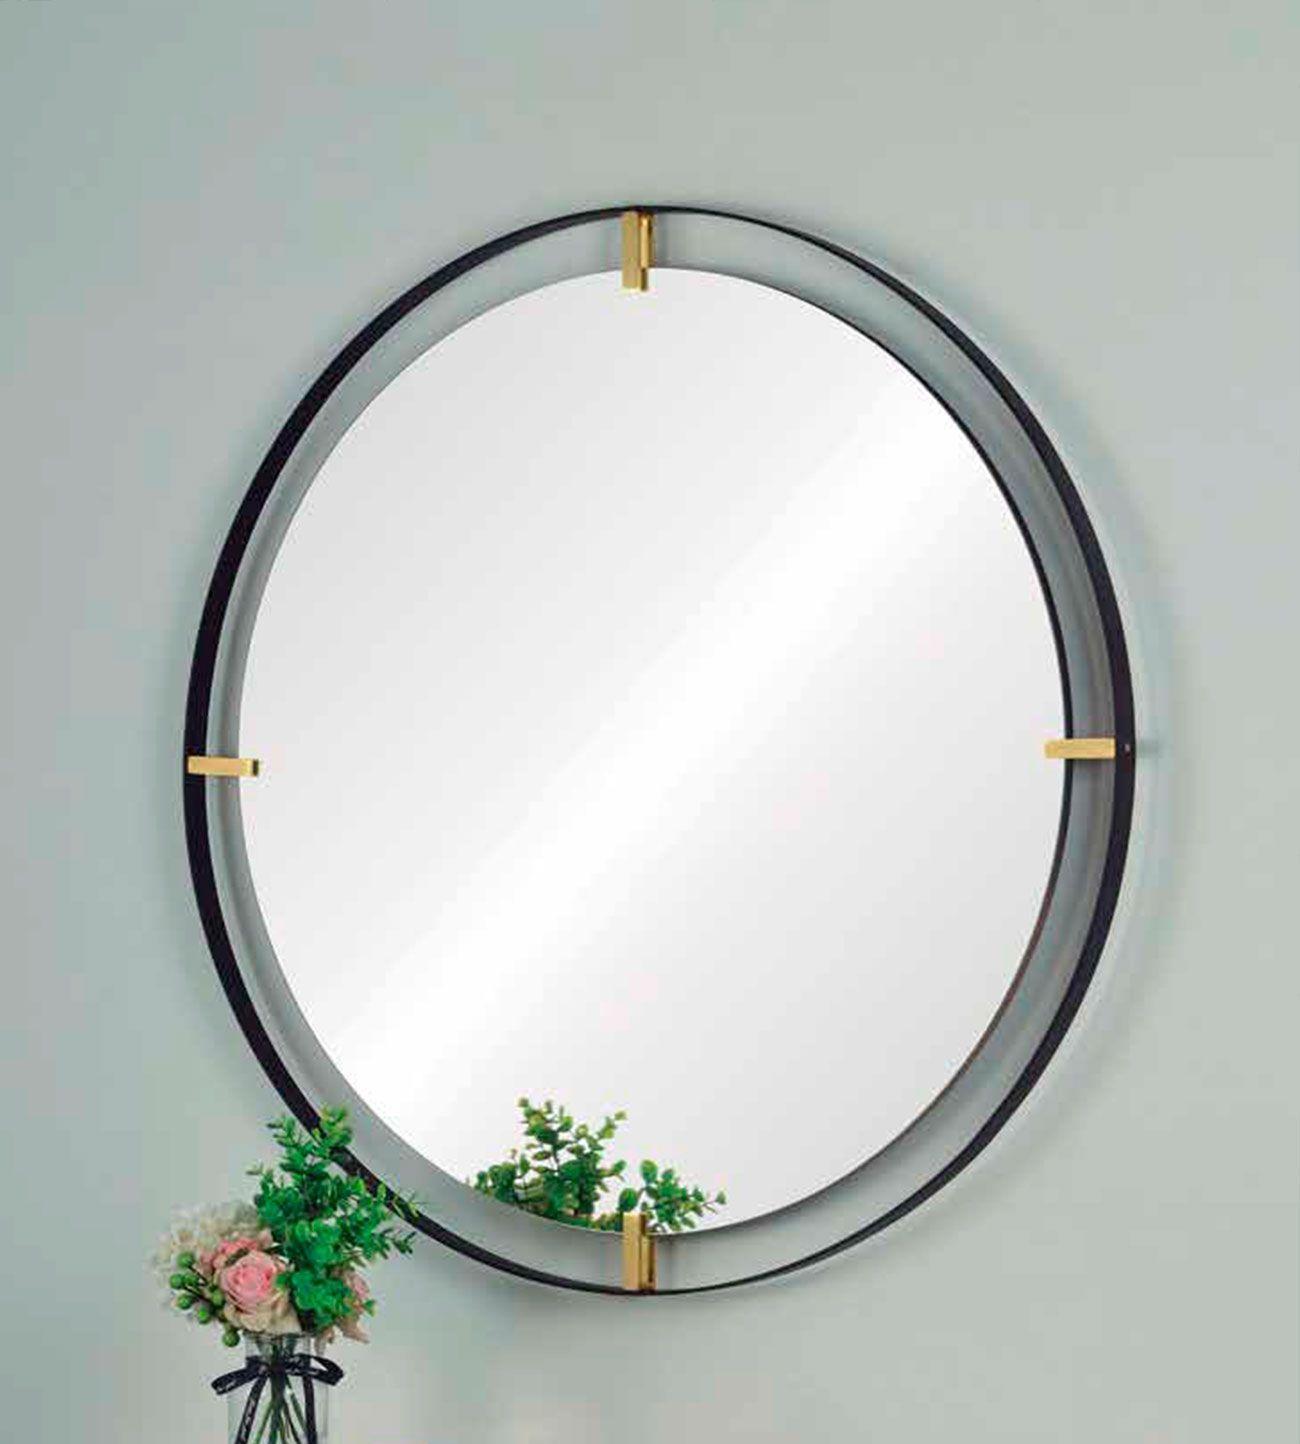 Espelho Linate RD, Espelhos Decorativos